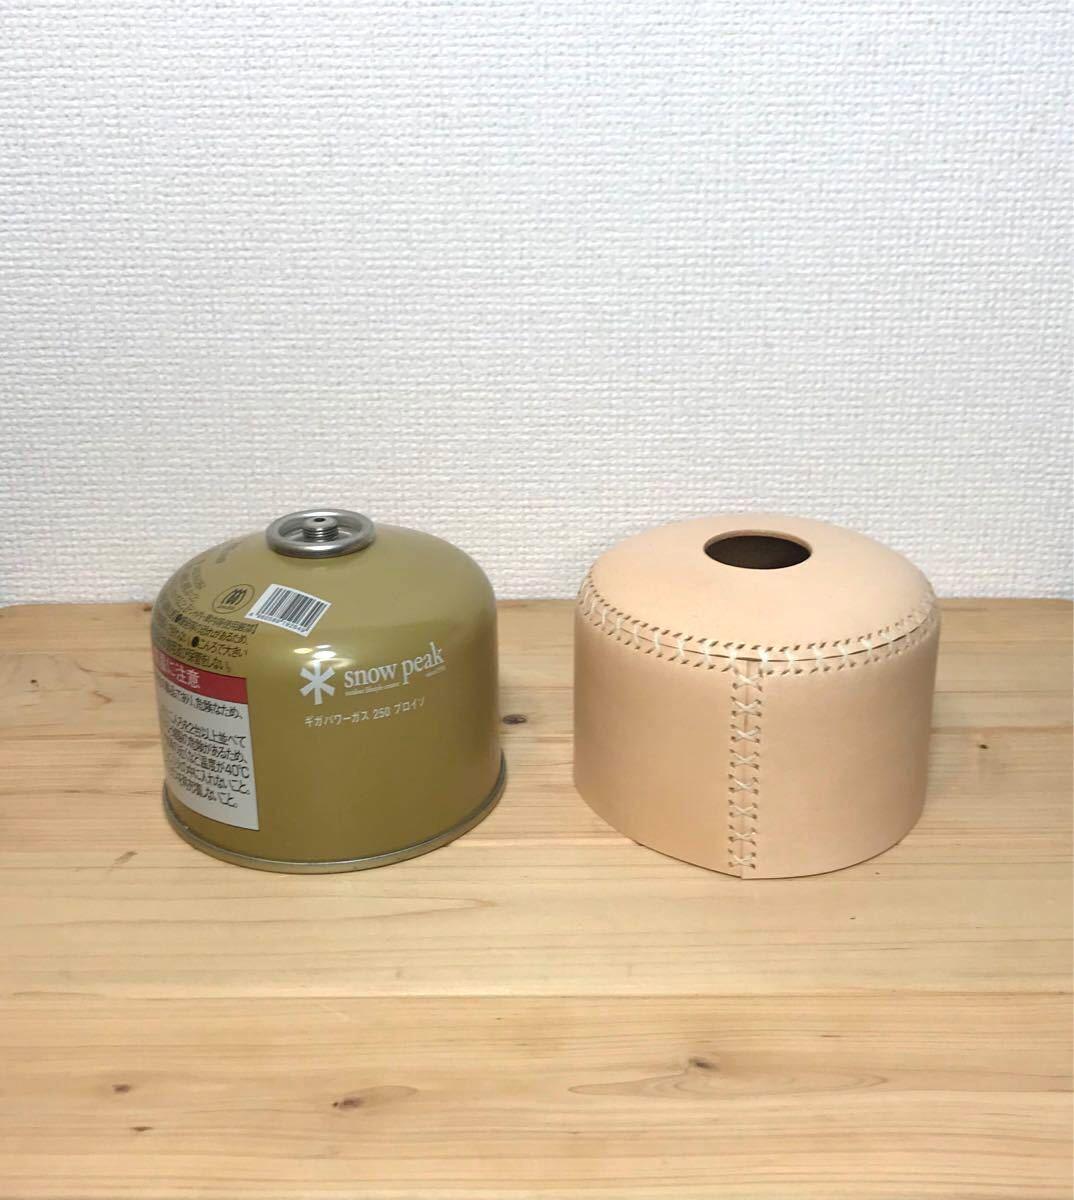 【高級】本革ガス缶カバー OD缶カバー ノクターン エジソンランタン ルミエール